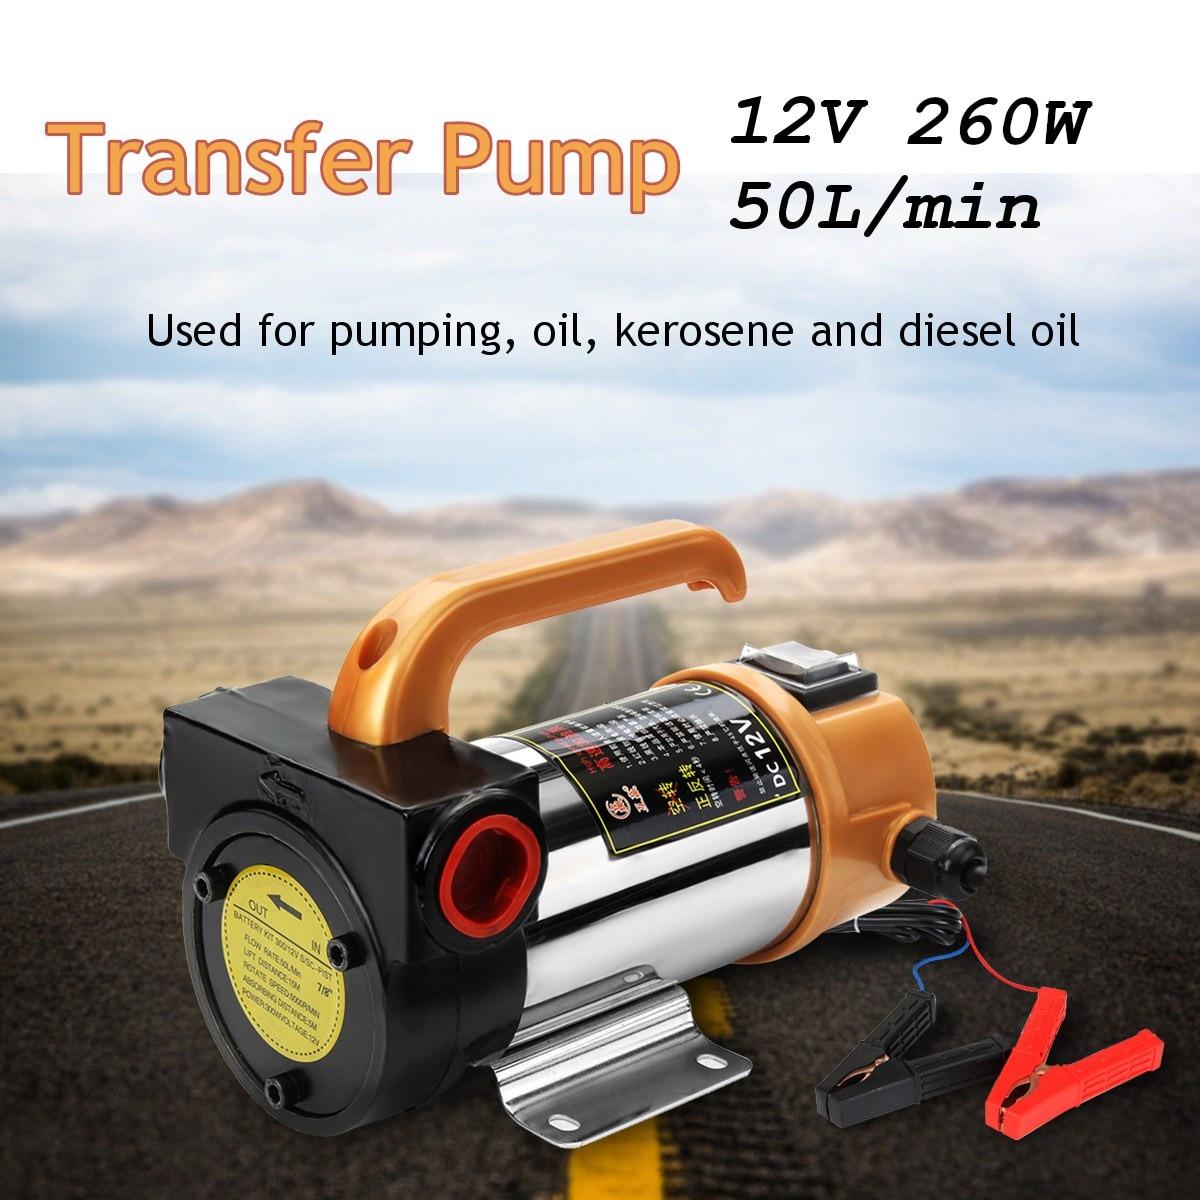 12V 260W двигателя автомобиля Портативный для дизельный насос для перекачки мазута самозаполняющийся масляный насос 50L/мин